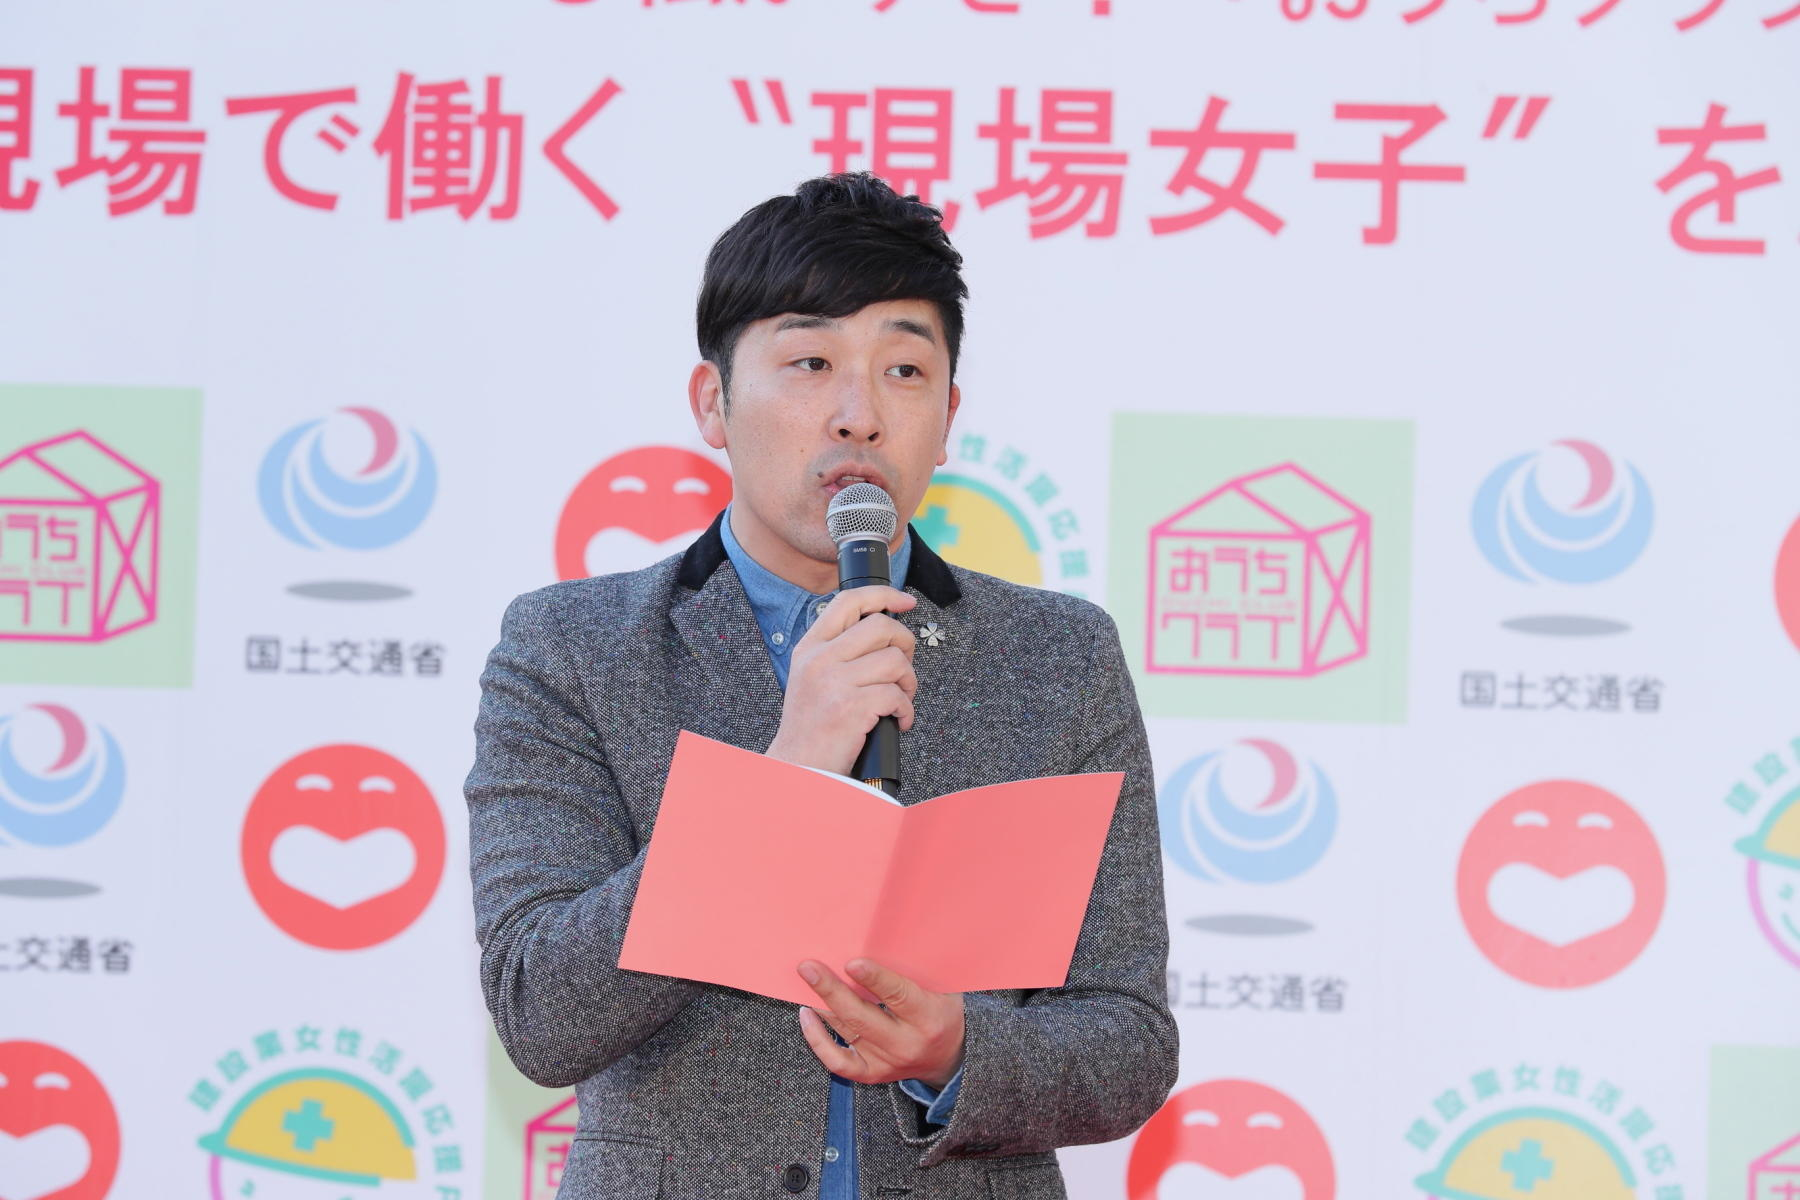 http://news.yoshimoto.co.jp/20170226094956-f5e88384266bbf9d34f19d3abc4c81ea33228948.jpg